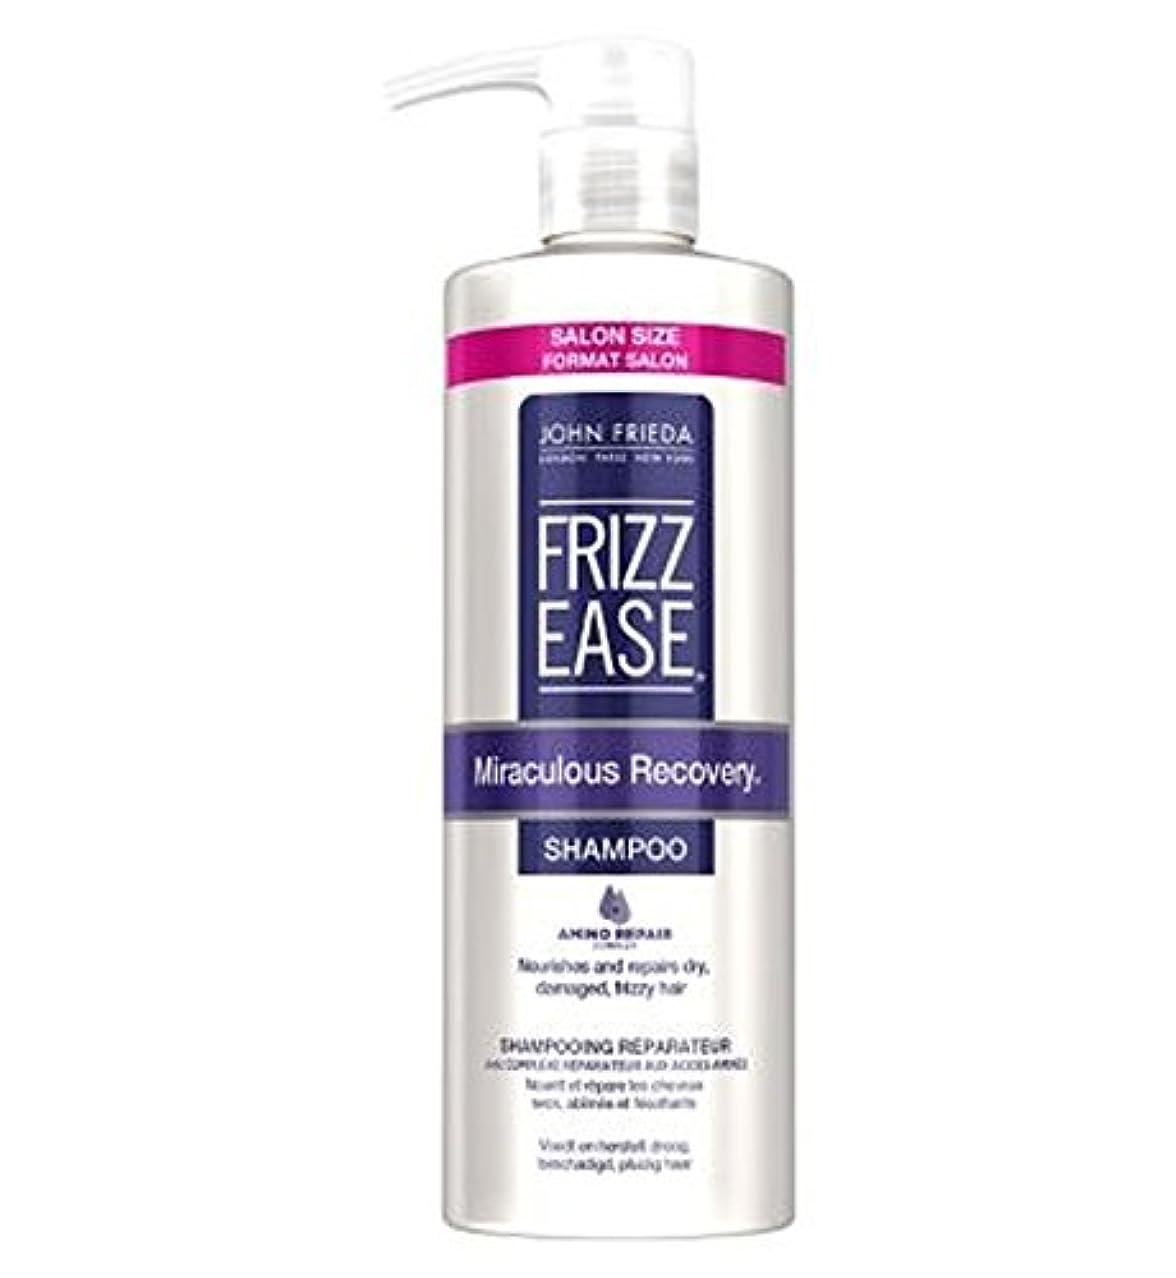 接辞ペルメル泥沼John Frieda Frizz Ease Miraculous Recovery shampoo 500ml - ジョン?フリーダ縮れ容易奇跡的な回復シャンプー500ミリリットル (John Frieda) [並行輸入品]